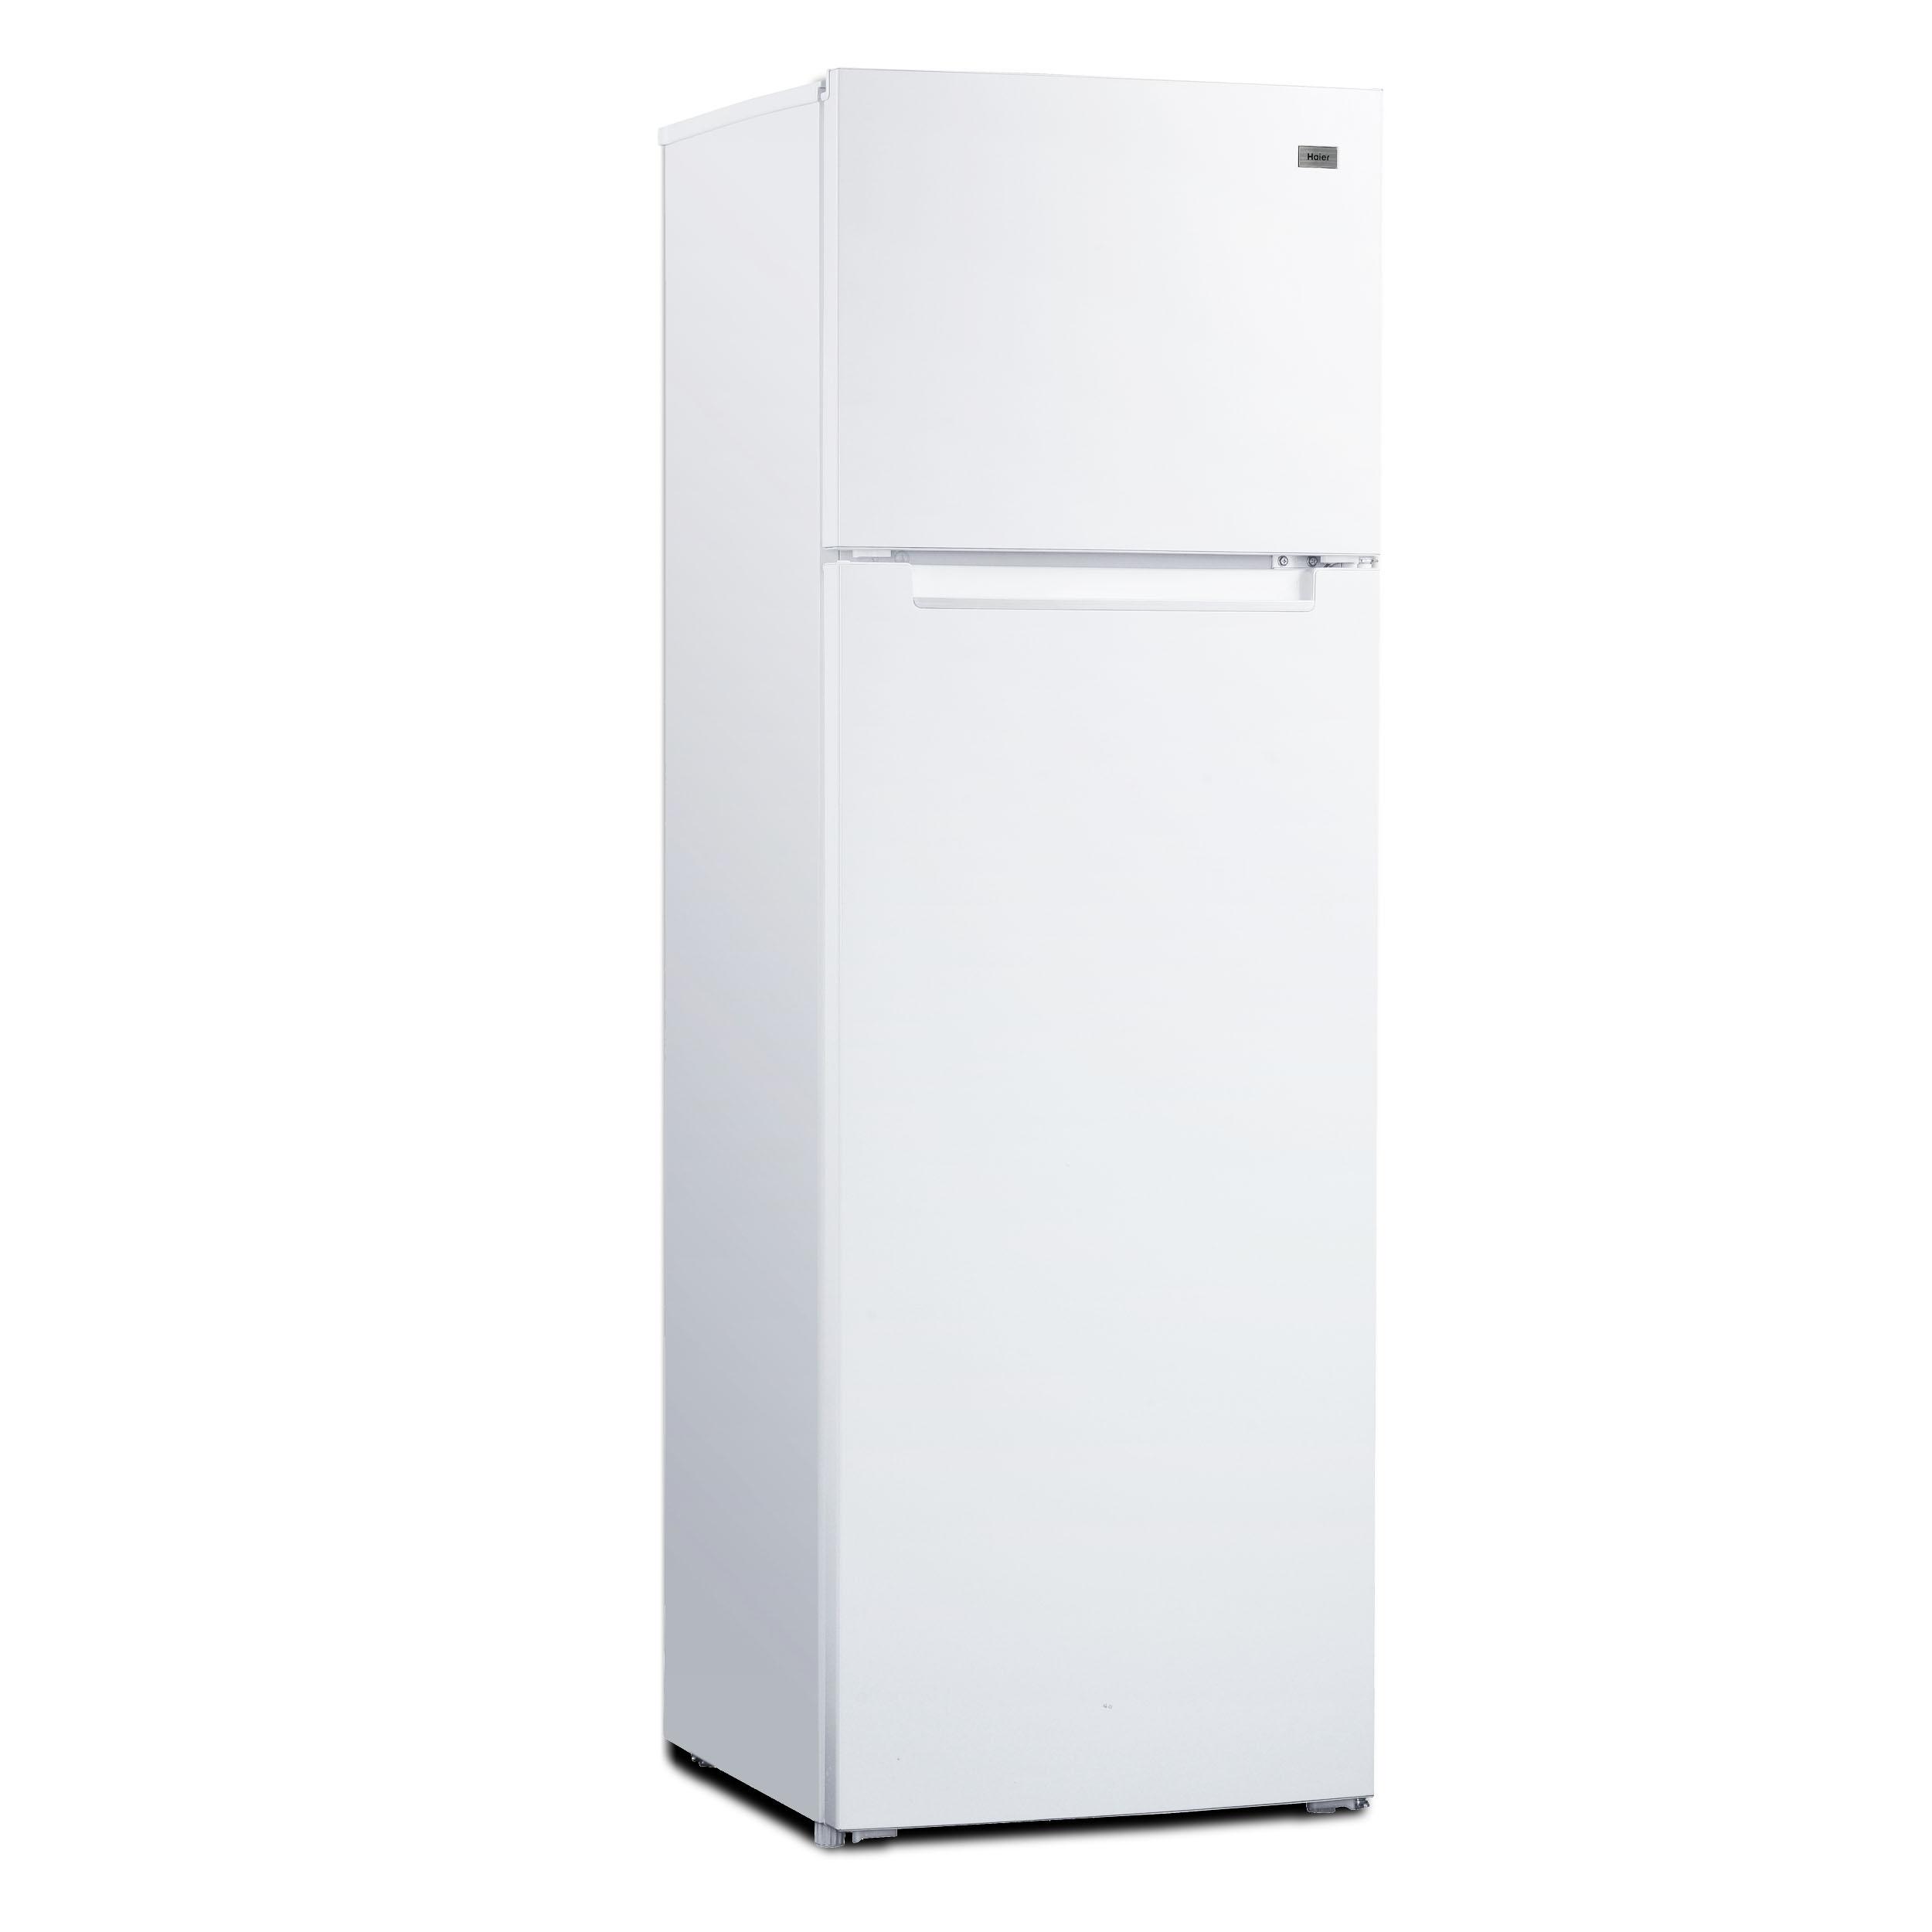 하이얼 일반 소형 냉장고 252L, HRT257MDW